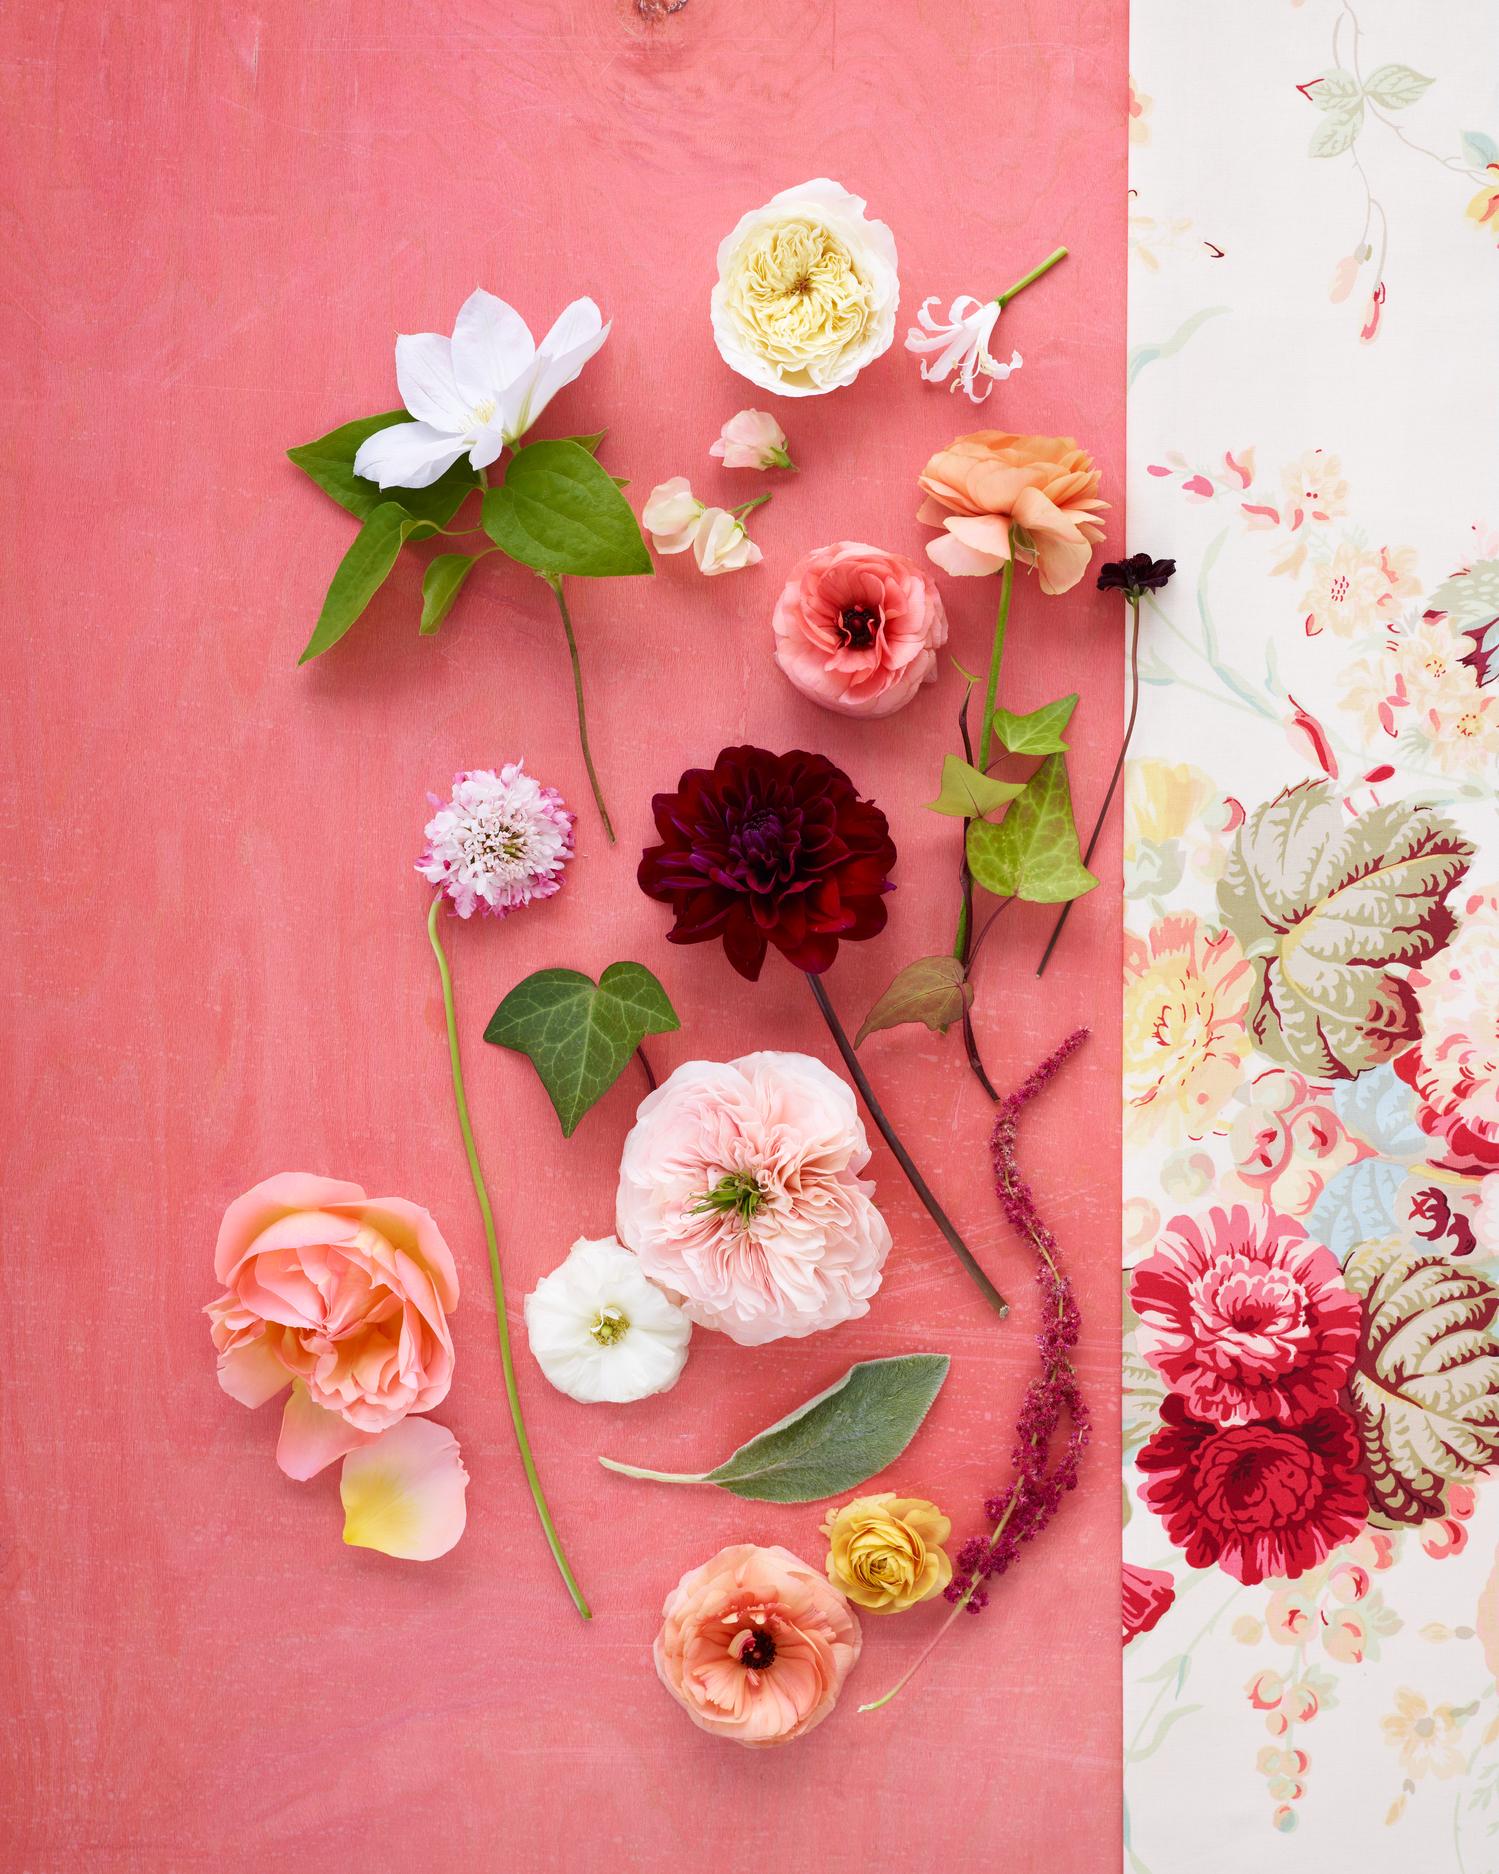 fall-flowers-2-med108763.jpg